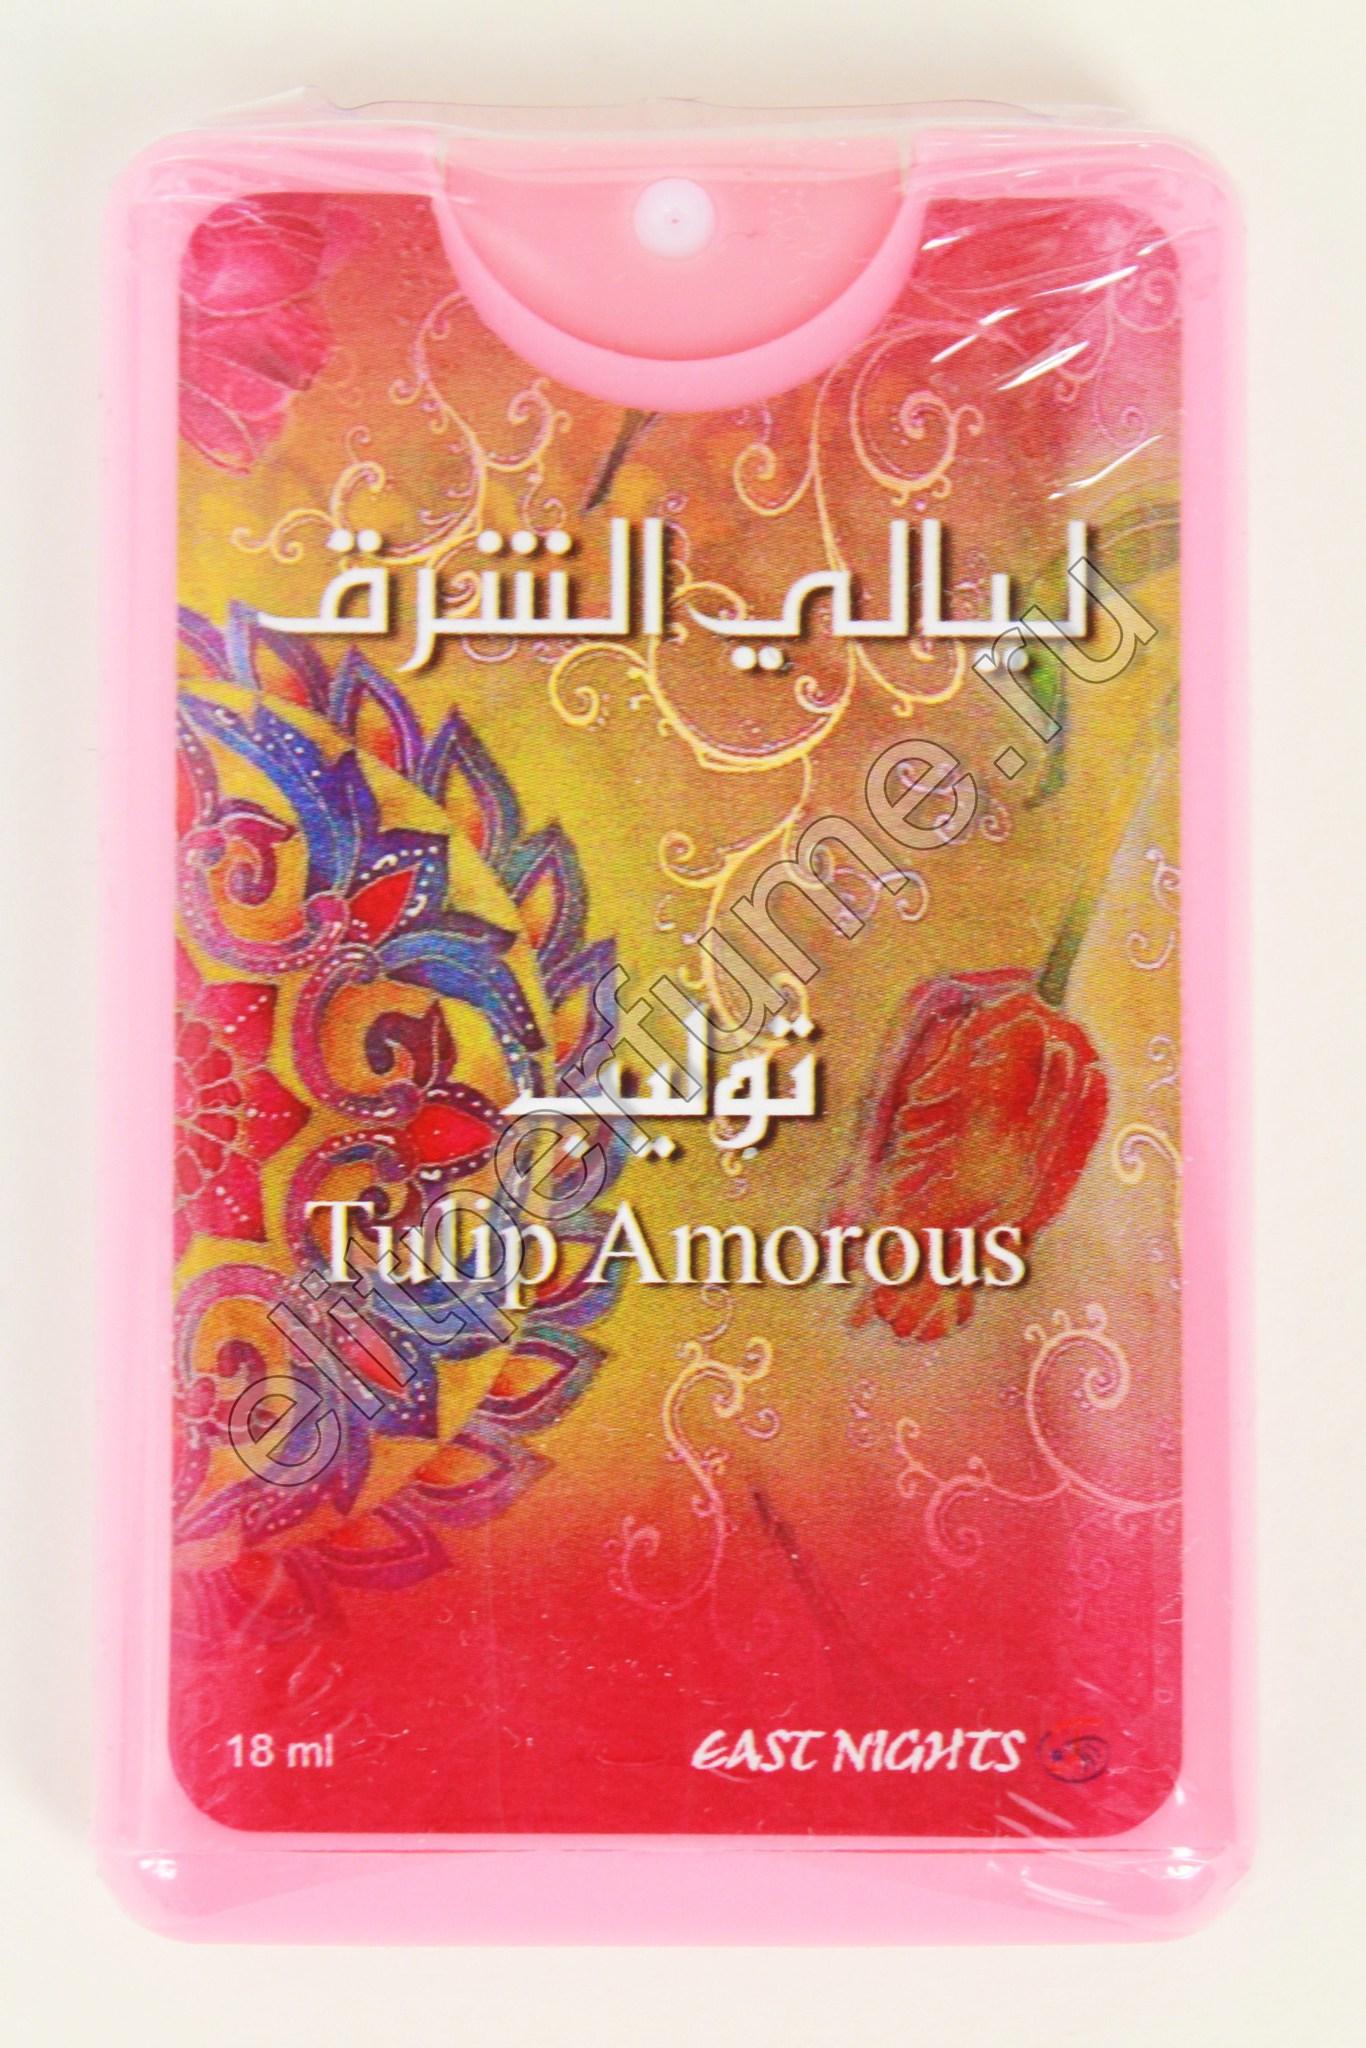 Tulip Amorous натуральные масляные духи «Влюбленный тюльпан» 18 мл